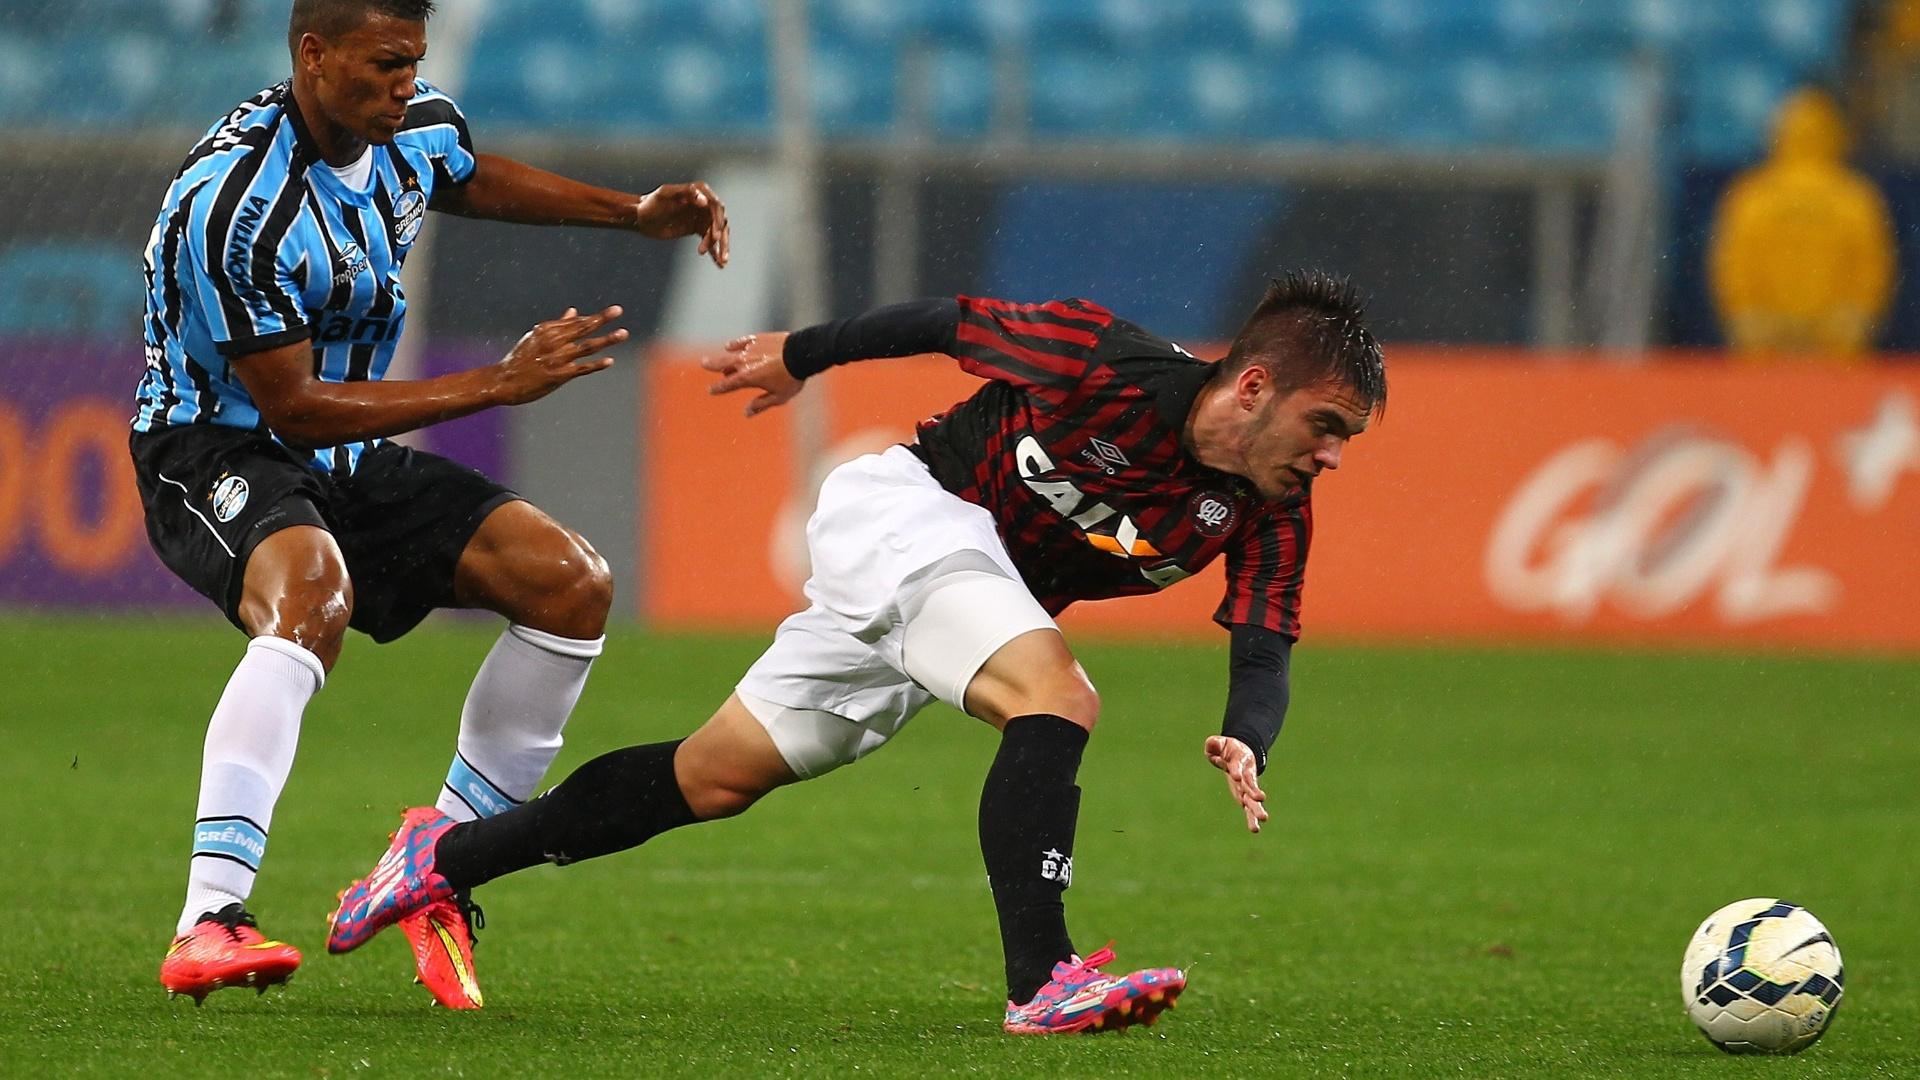 Dellatorre tenta escapar da marcação do Grêmio na partida do Atlético-PR